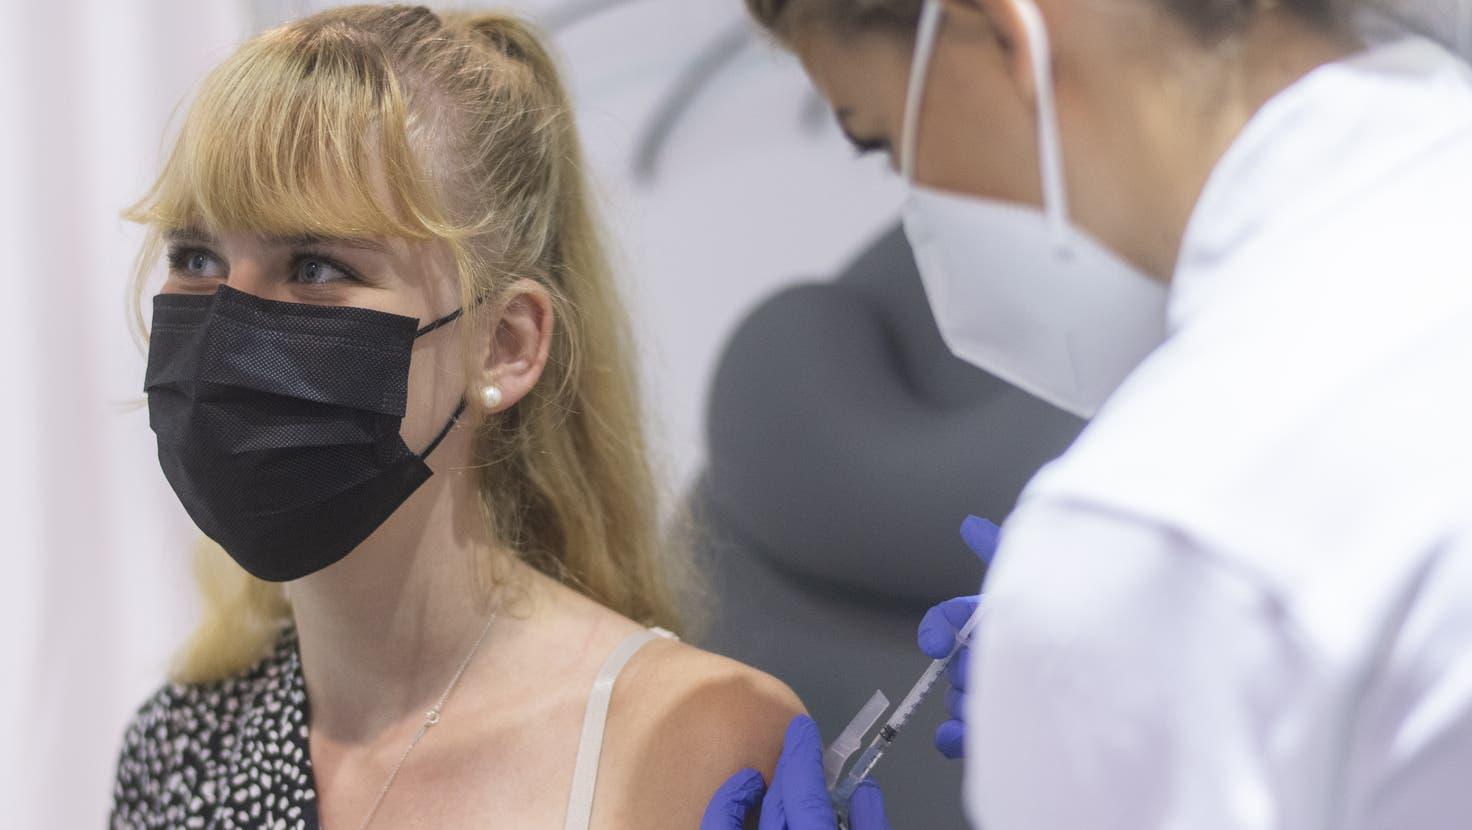 Nicht geimpft oder nicht genesen? Ab Montag gilt in Bündner Spitälern für das Personal eine Testpflicht. (Keystone)